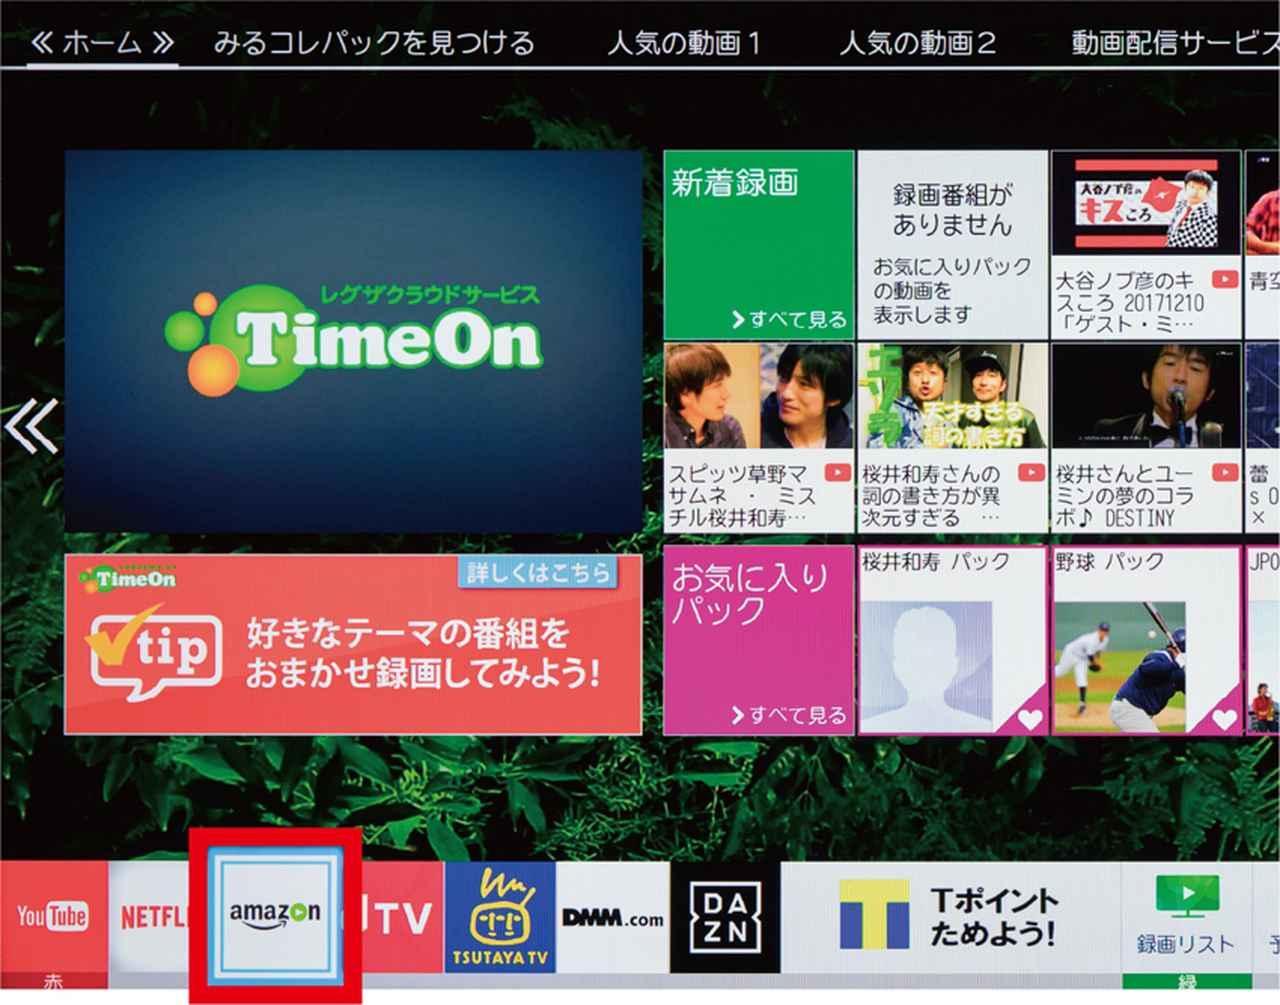 画像: 動画配信サービスの一覧から、「Amazonプライム・ビデオ」のアイコンを選択。初回時はここでID設定を行う。